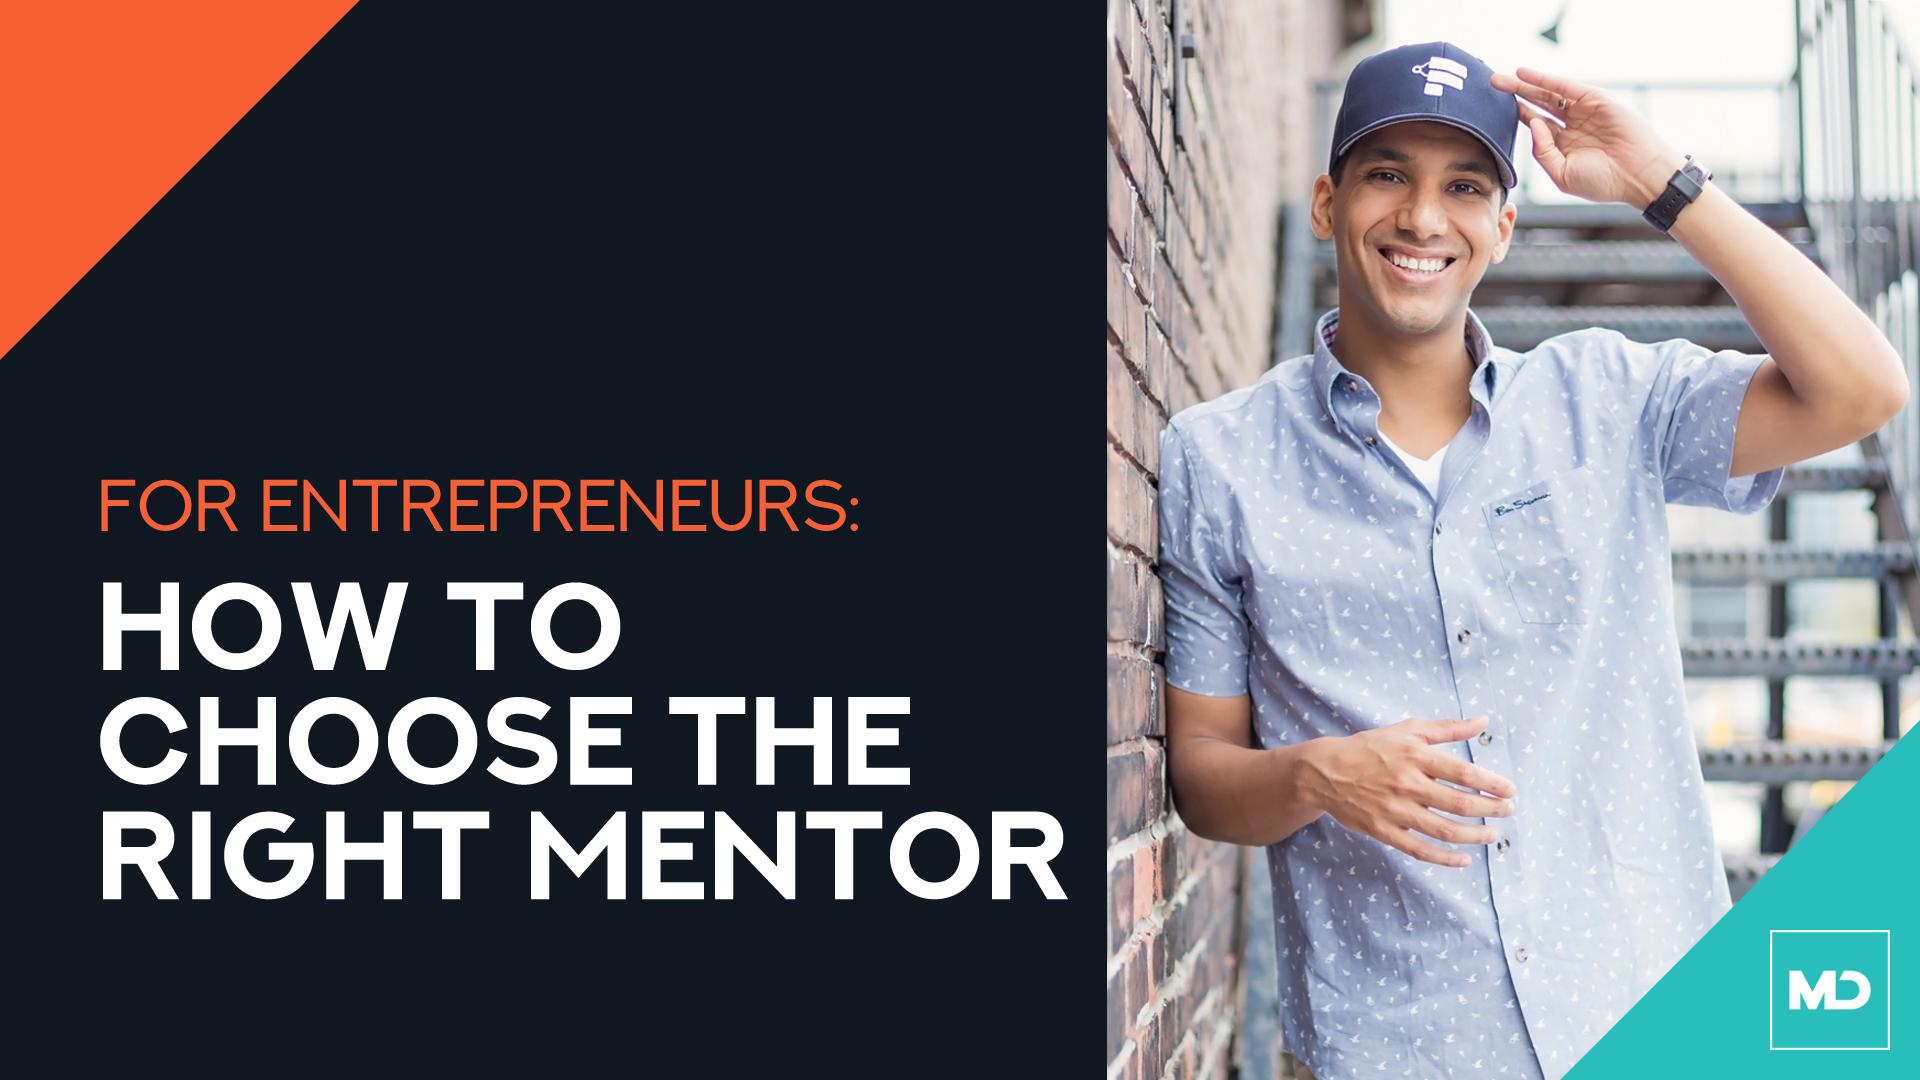 choose the right mentor [tips for entrepreneurs]